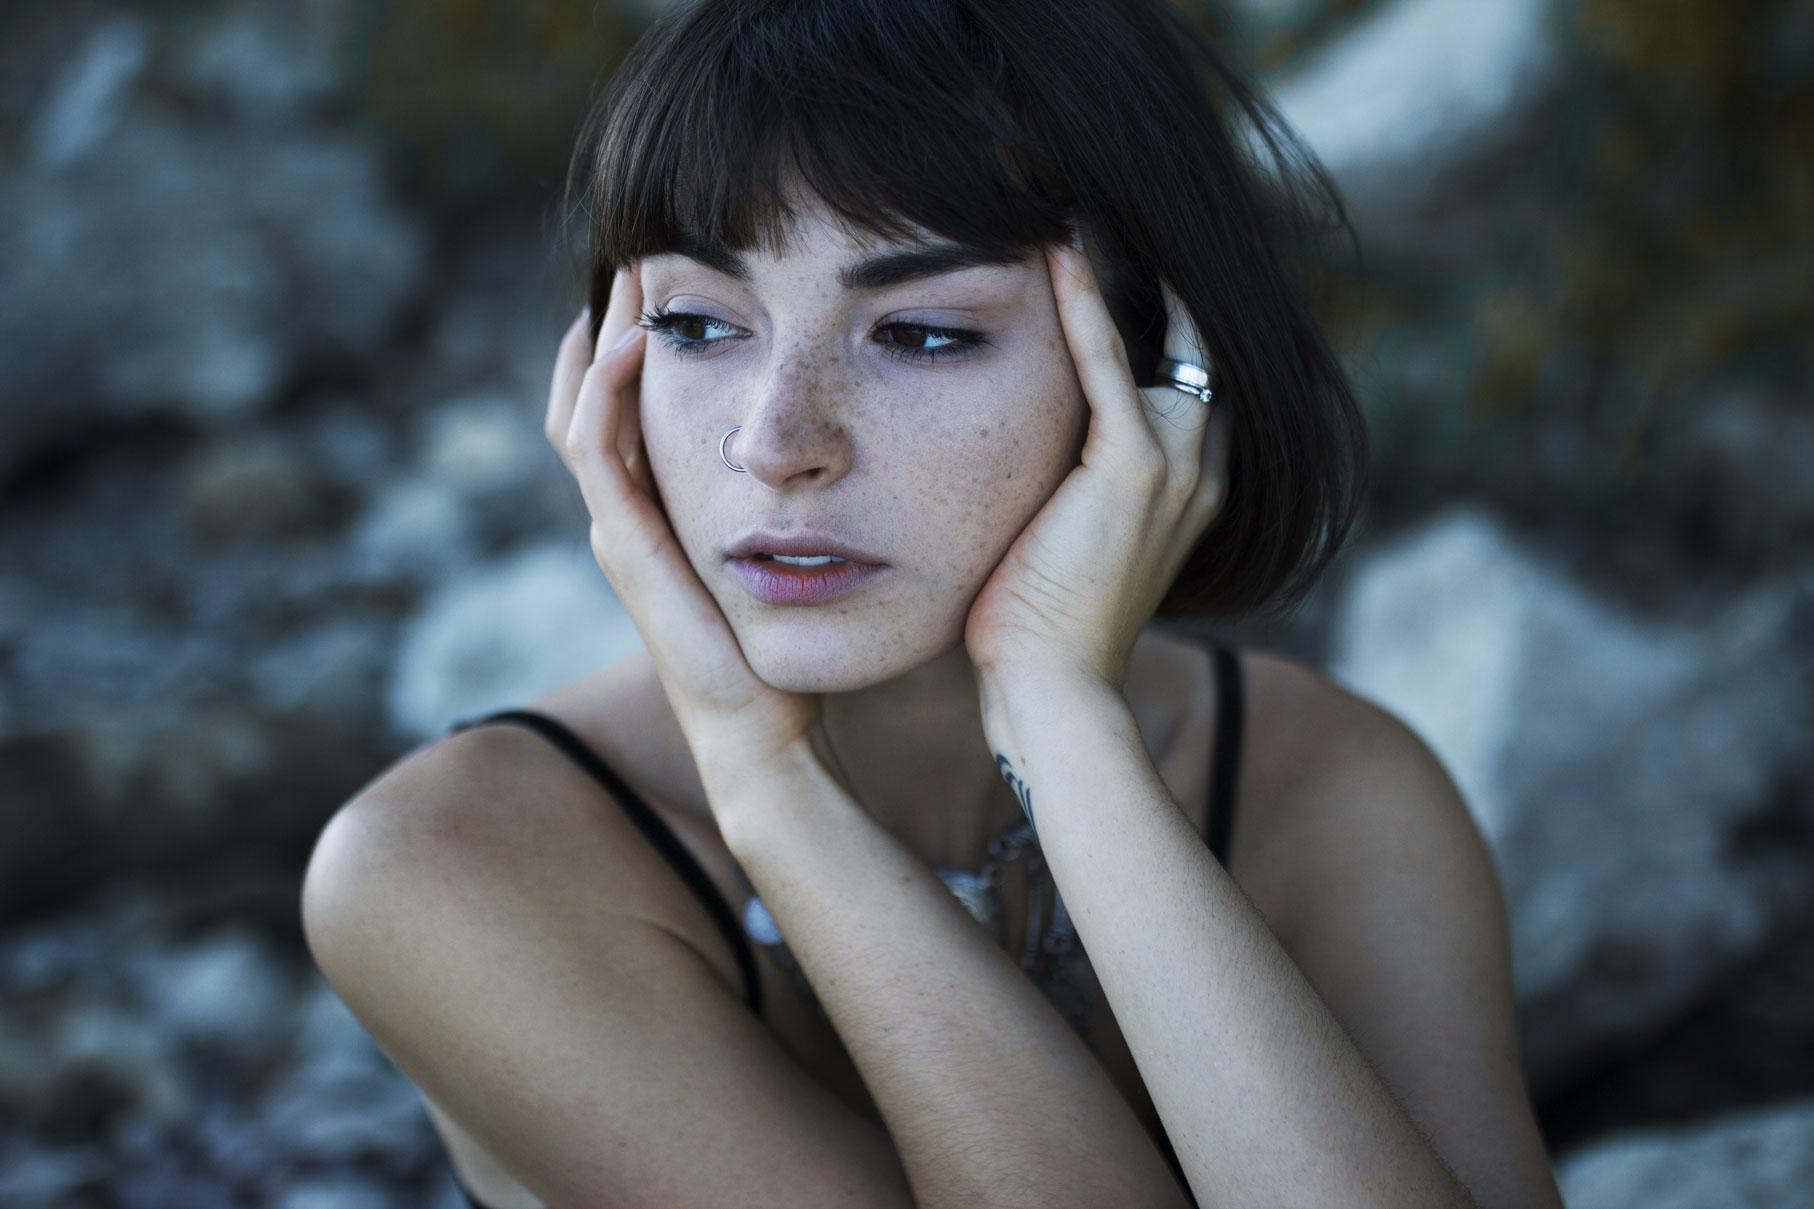 Jeune femme aux cheveux au carré dans l'eau d'un fleuve avec des rochers